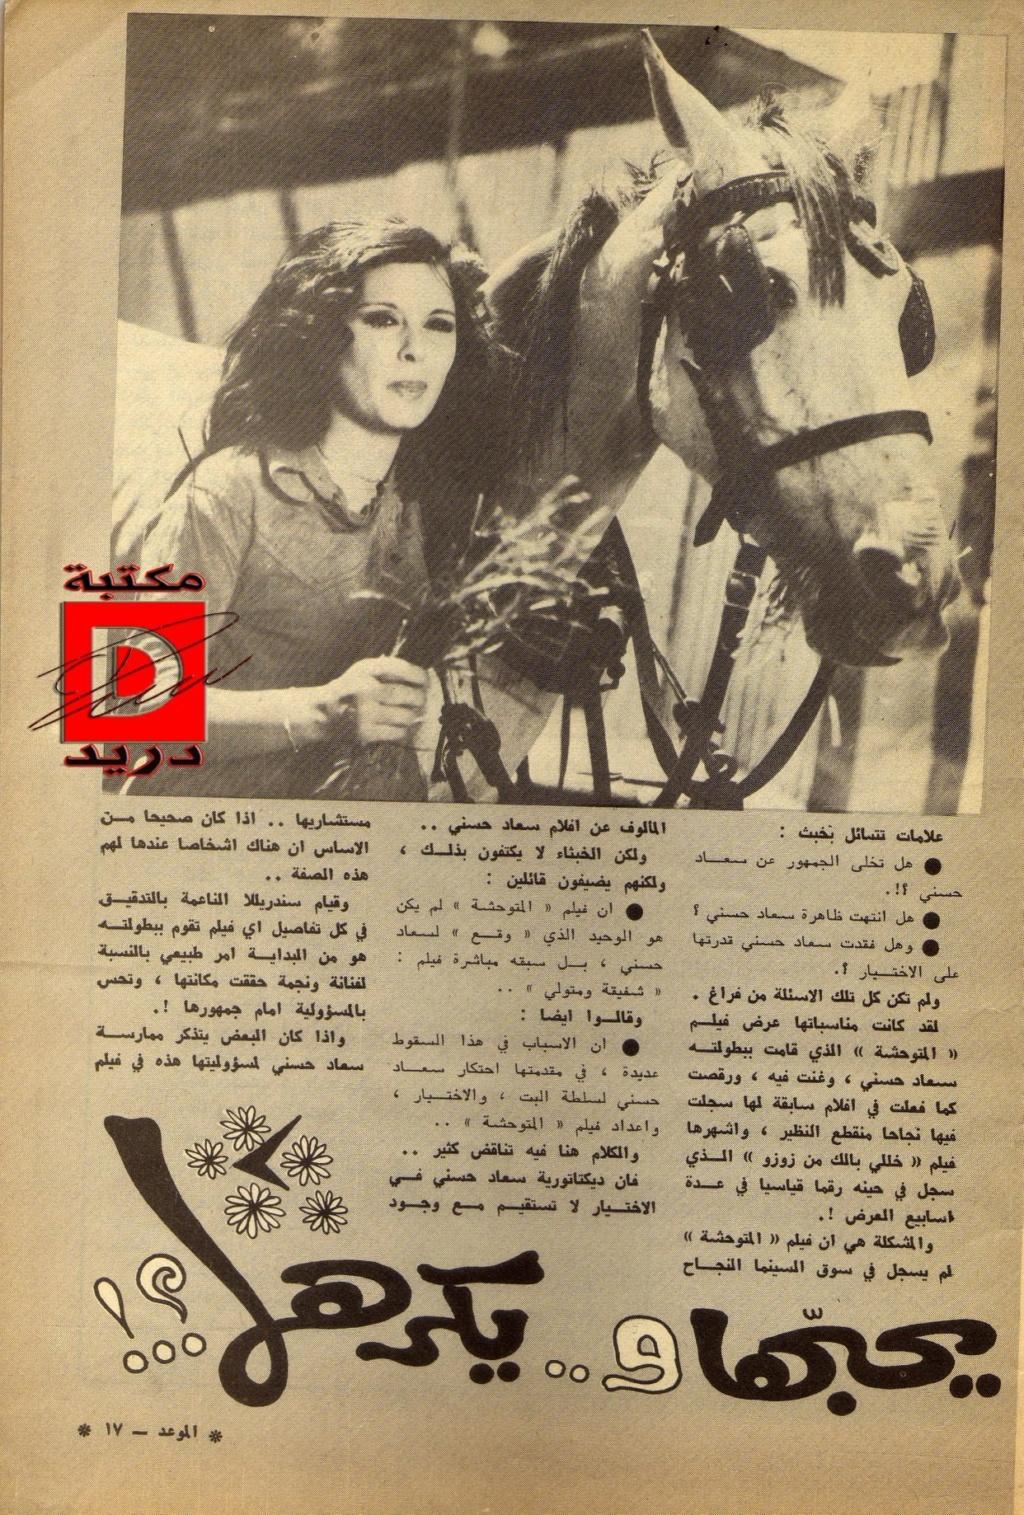 مقال - مقال صحفي : سعاد حسني هل عرفت الآن .. من يحبّها و .. يكرهها ؟! 1979 م 222